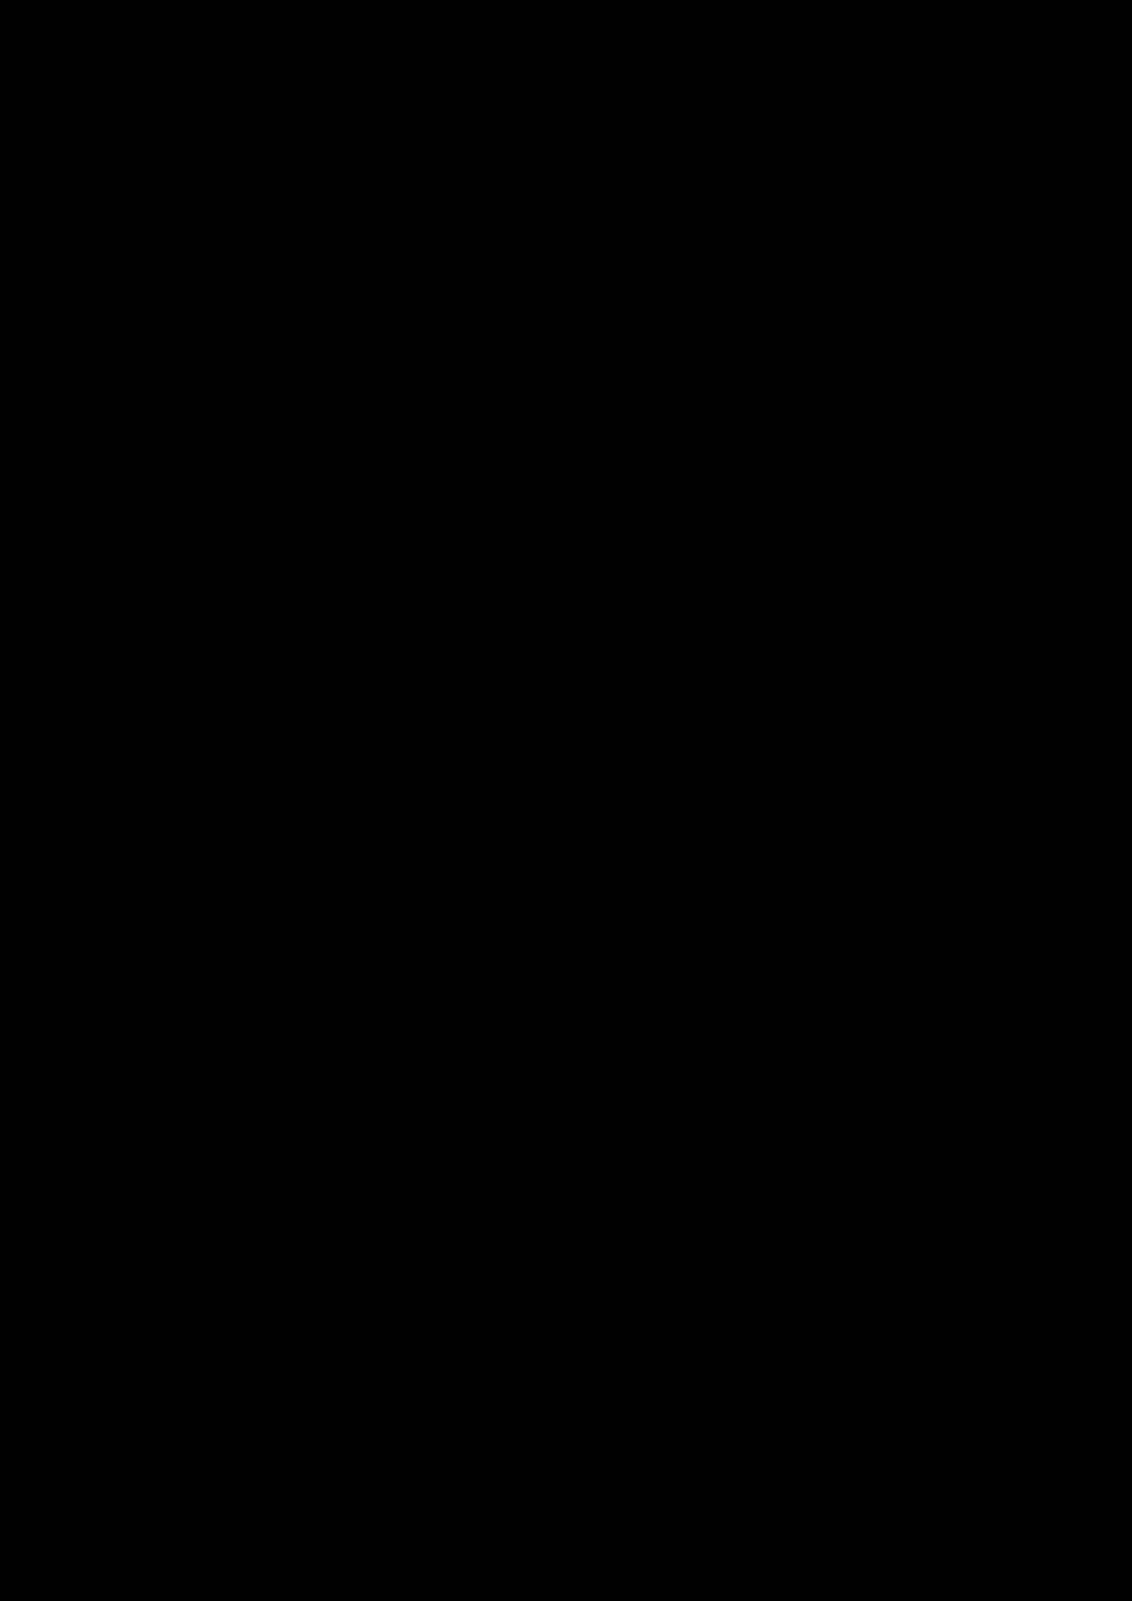 Zagadka volshebnoy stranyi slide, Image 153